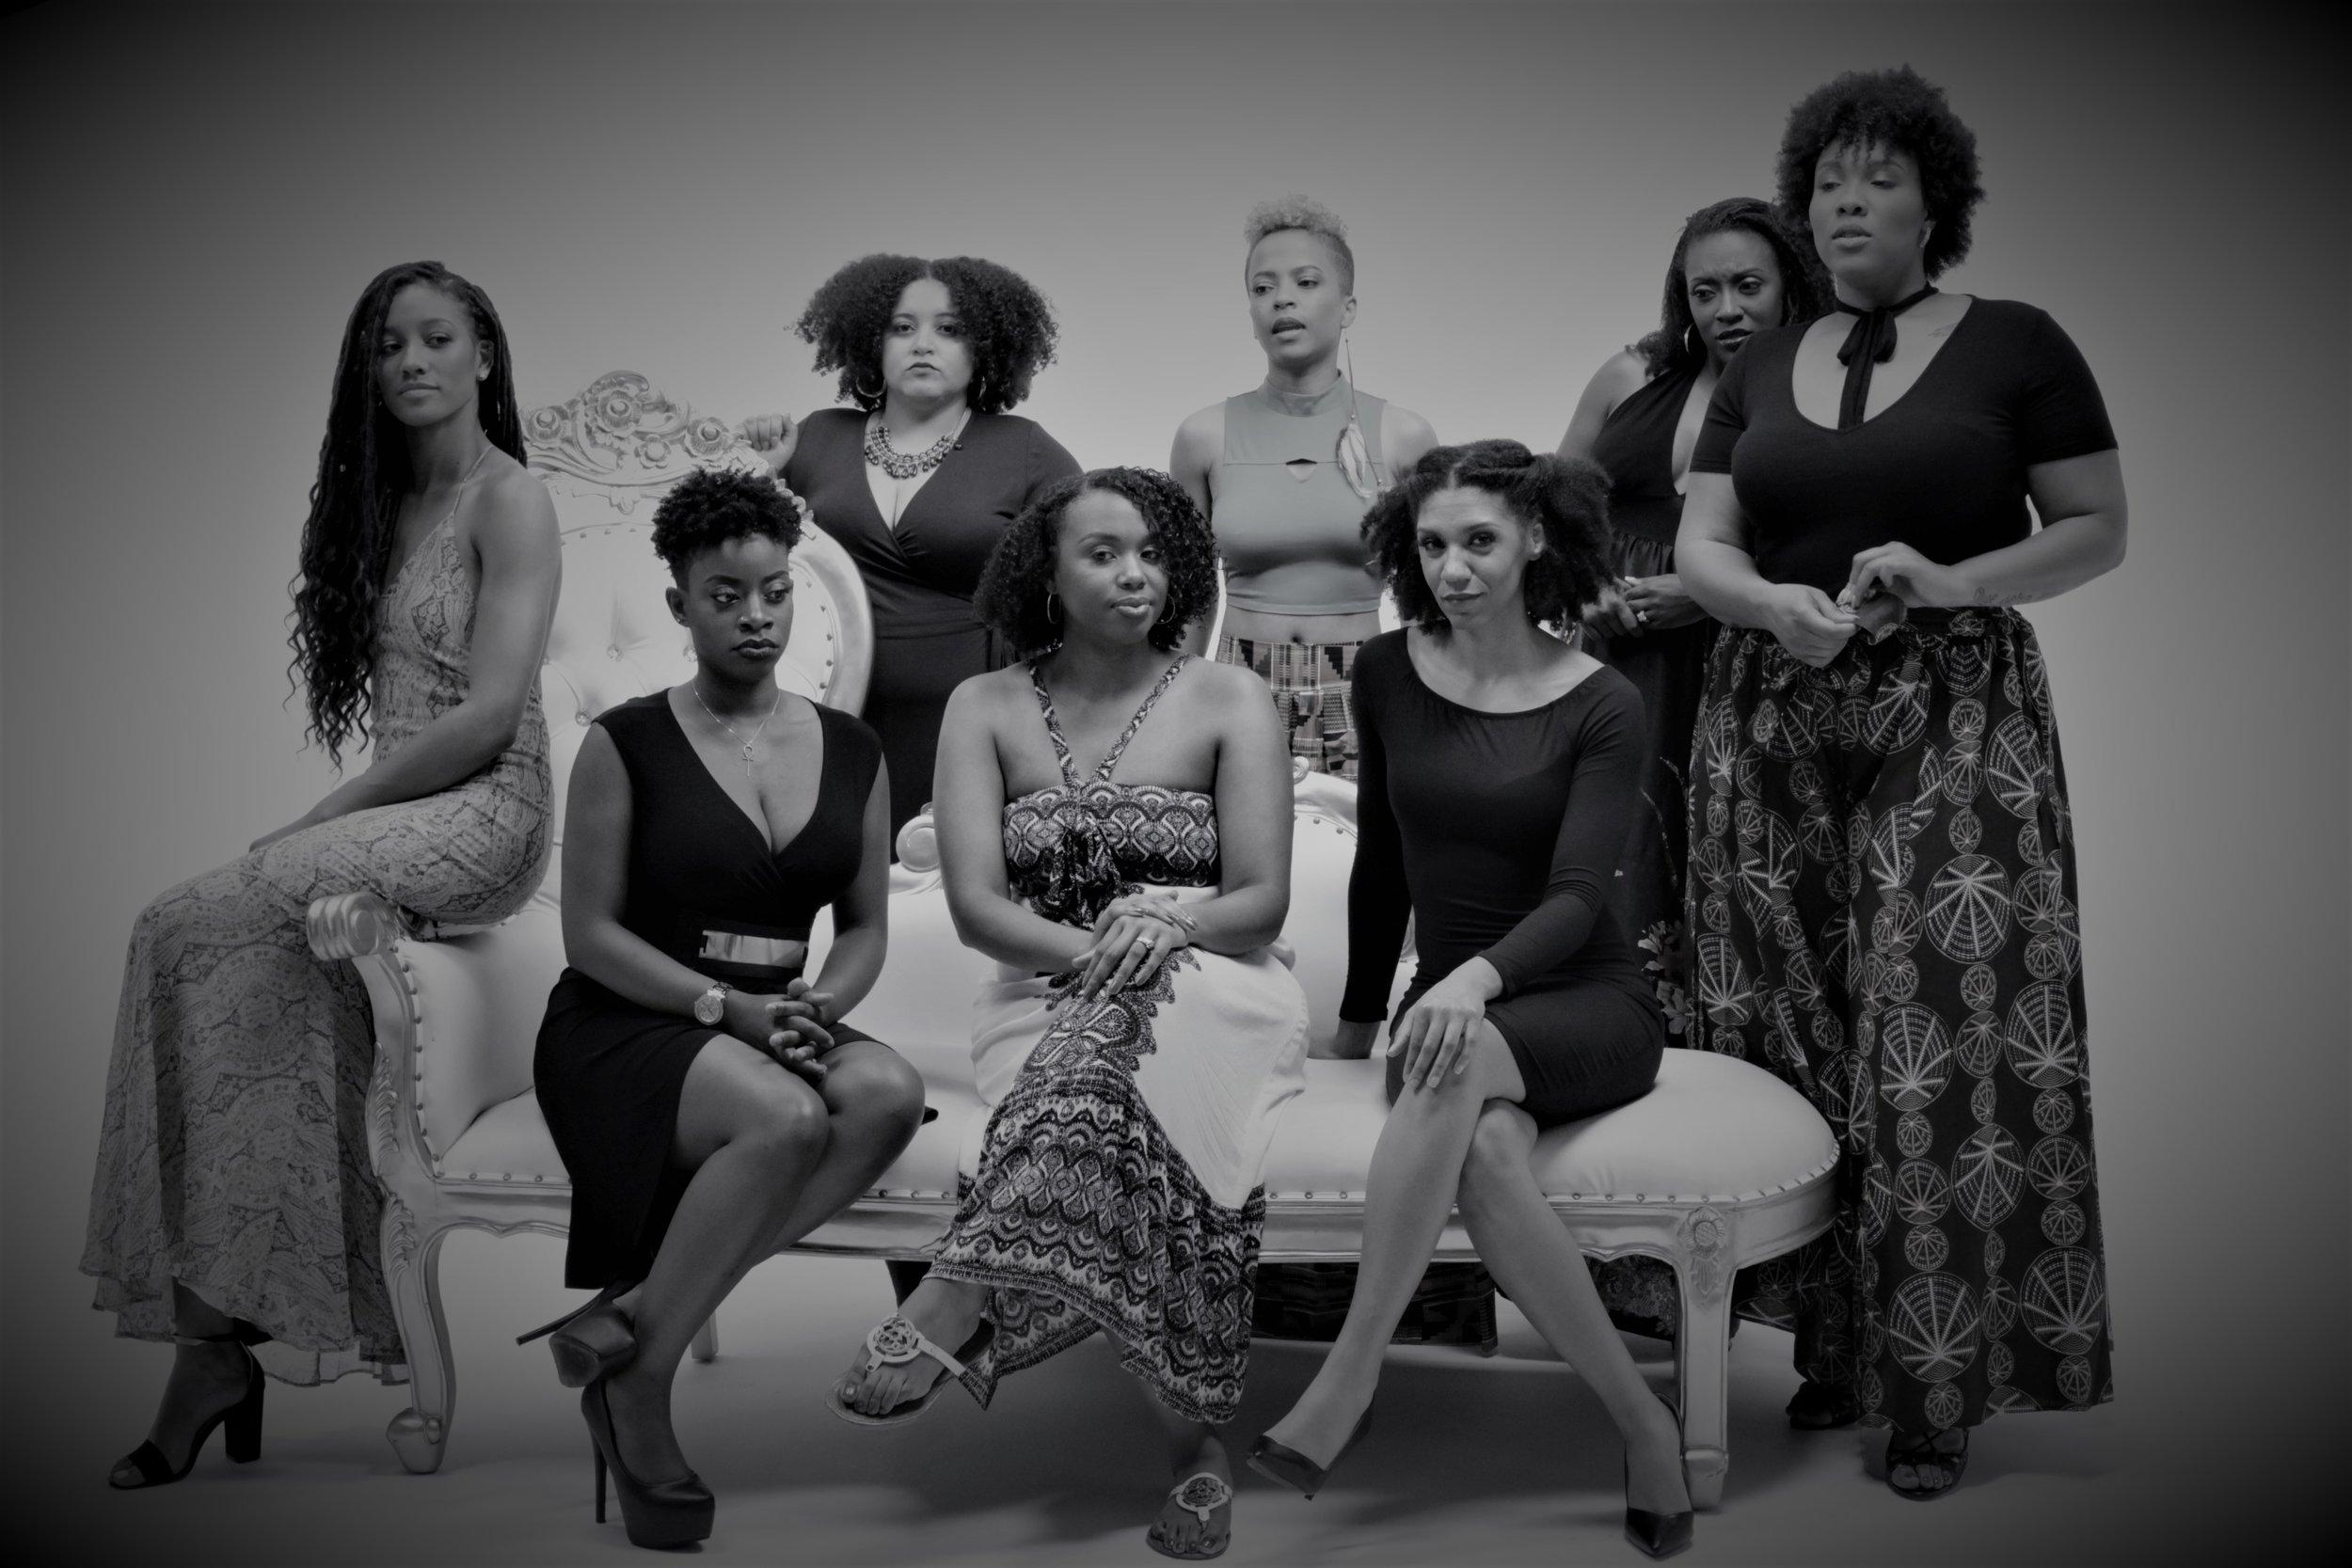 Our Wonder Women #Naturalhairthemovie